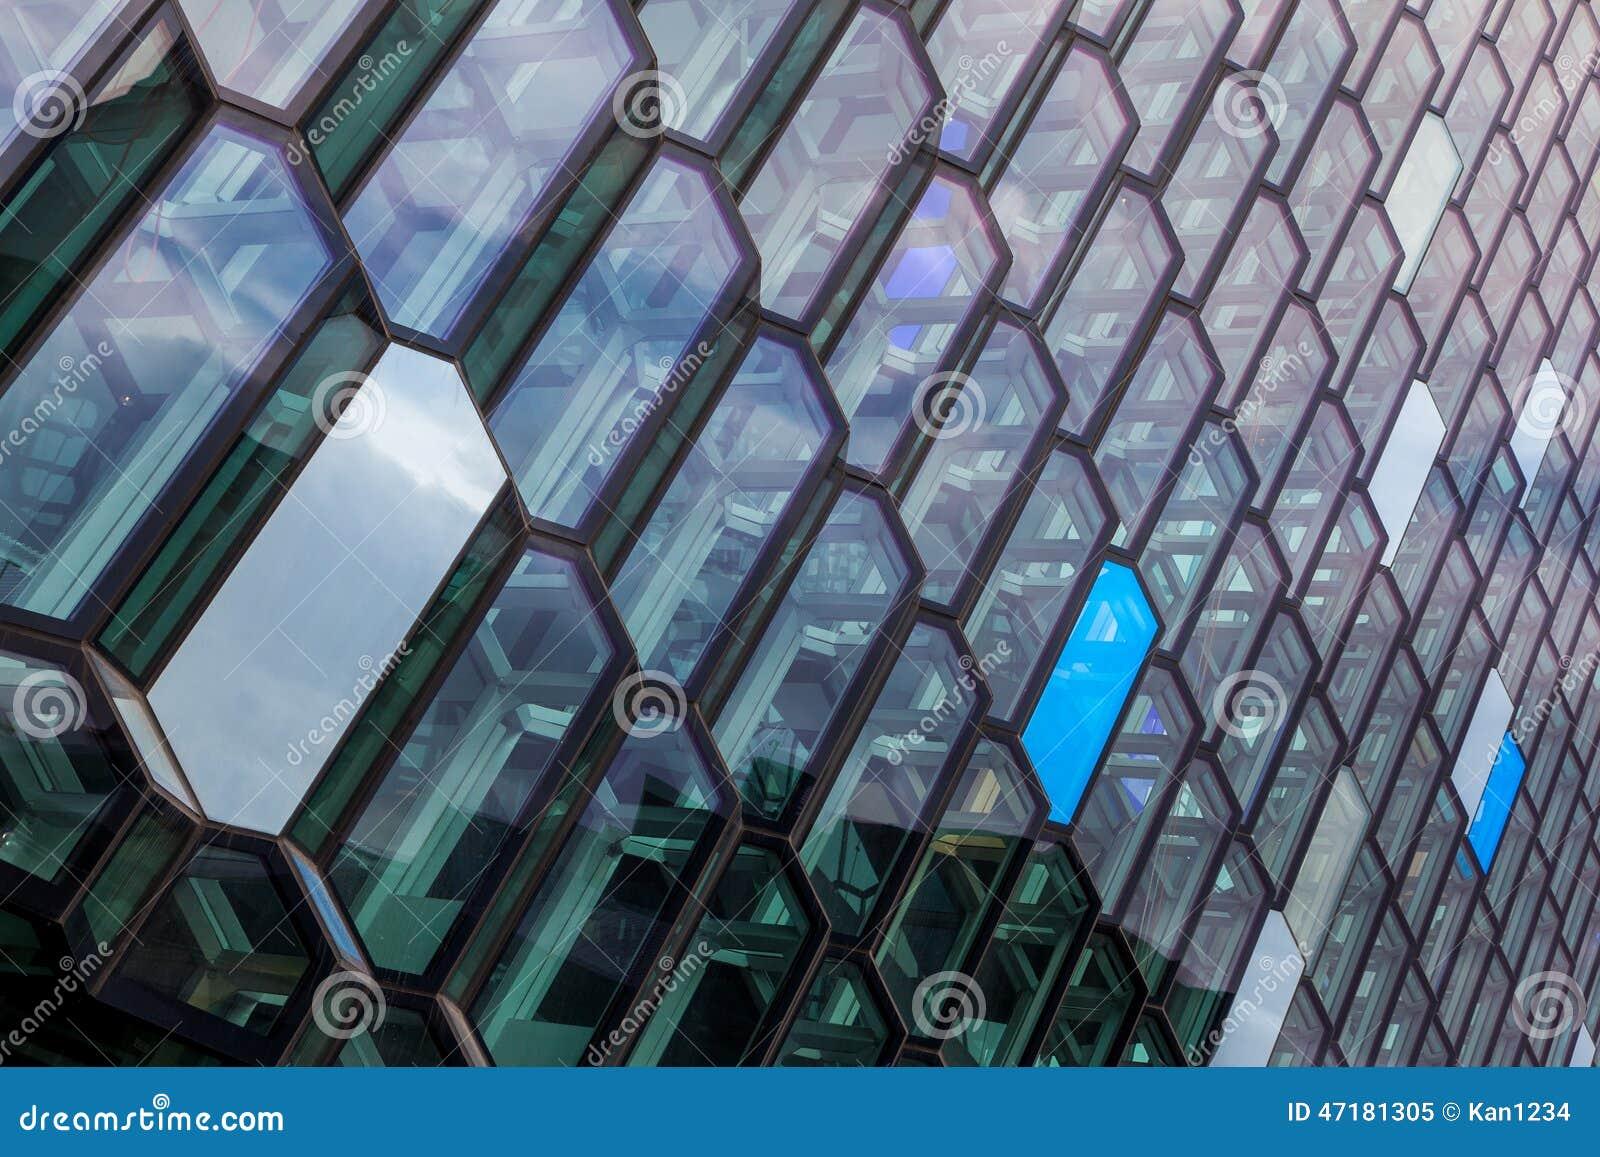 Mobilier de bureau moderne design petit bureau en verre